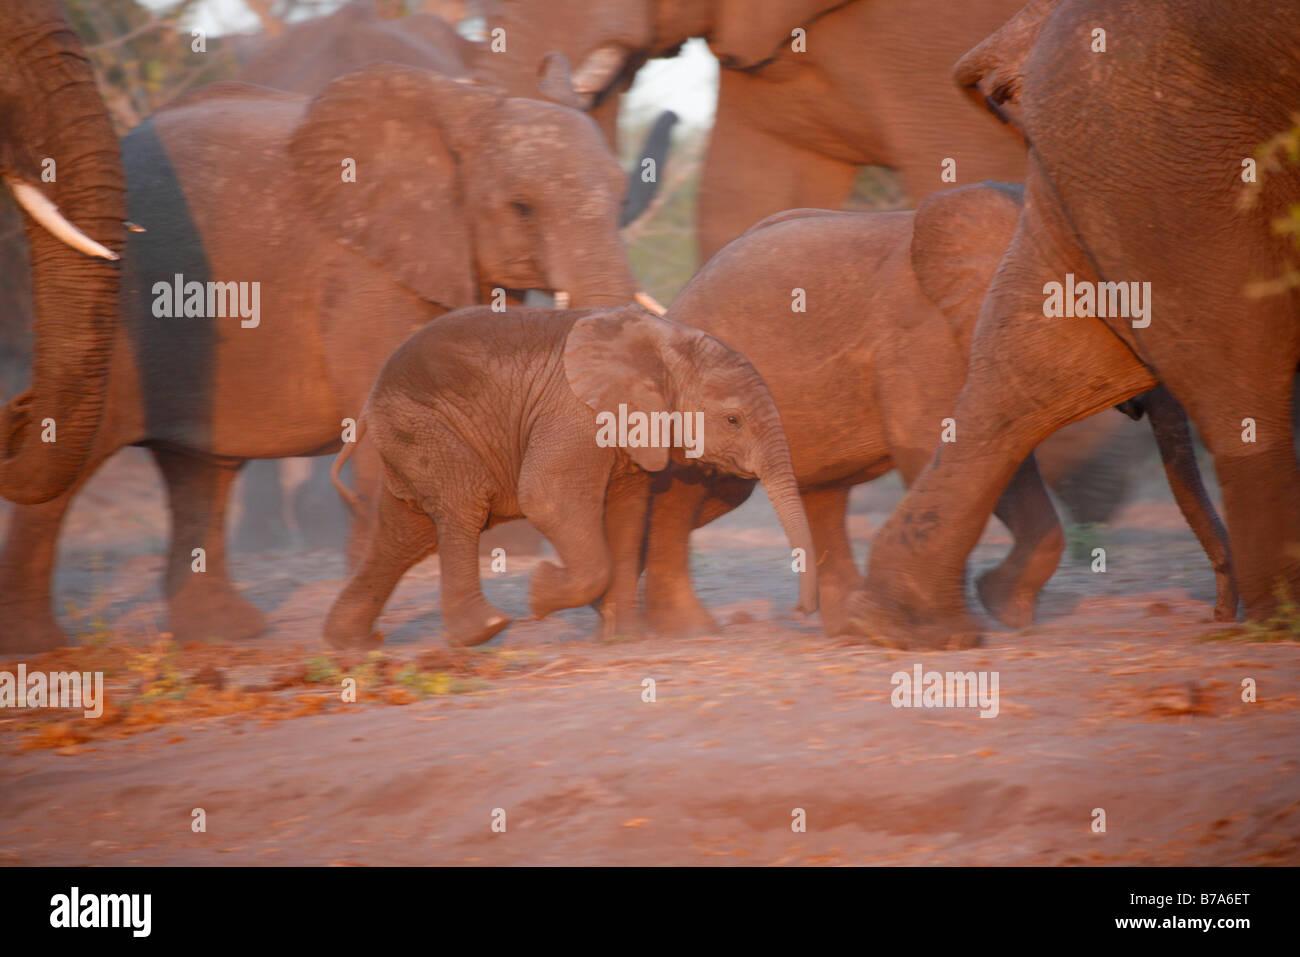 La cría de elefante caminar off con el rebaño en luz cálida Foto de stock